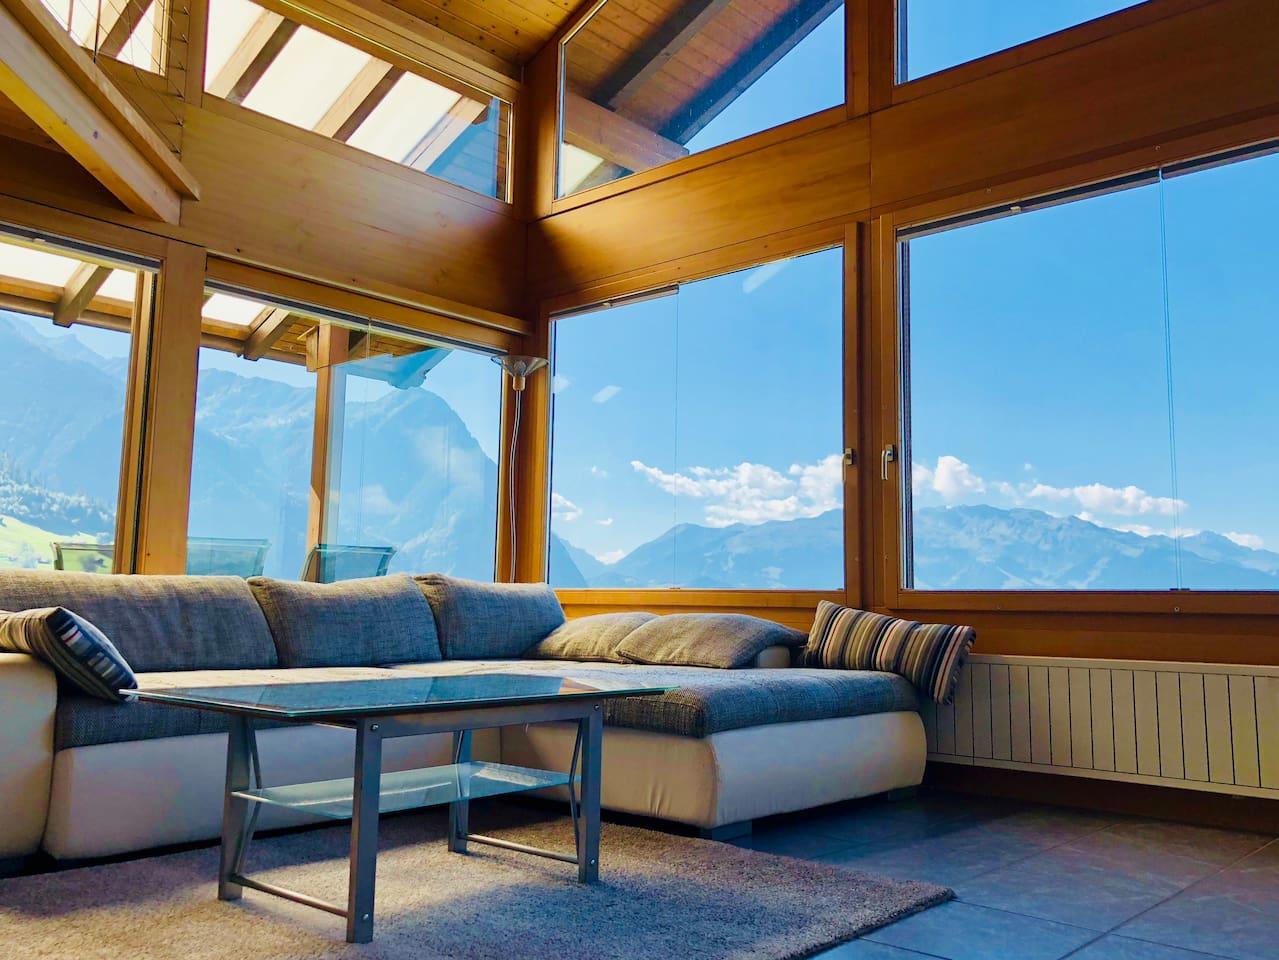 Wohnzimmer mit wunderbarem Ausblick